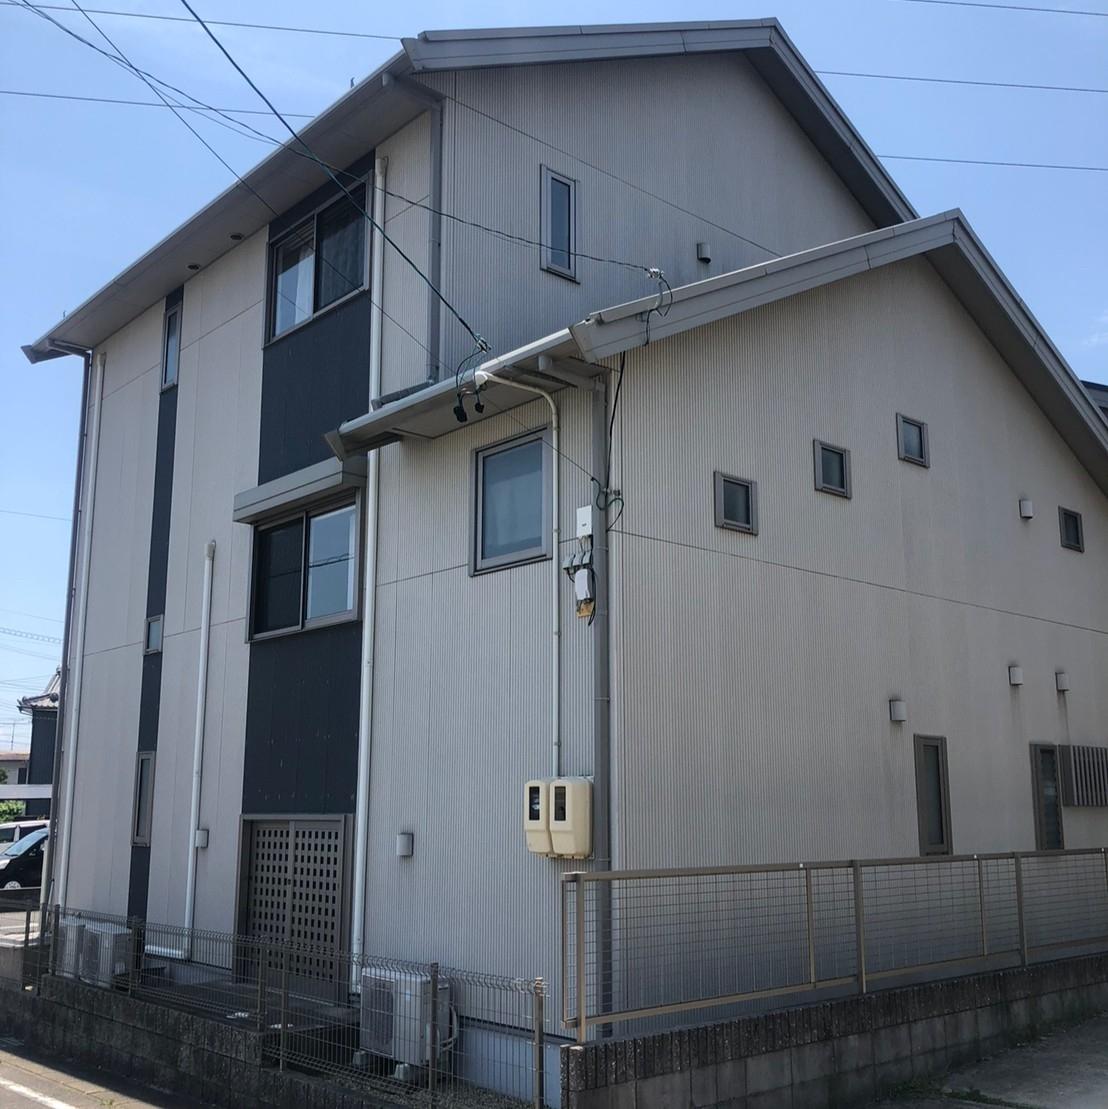 jirei_image54654